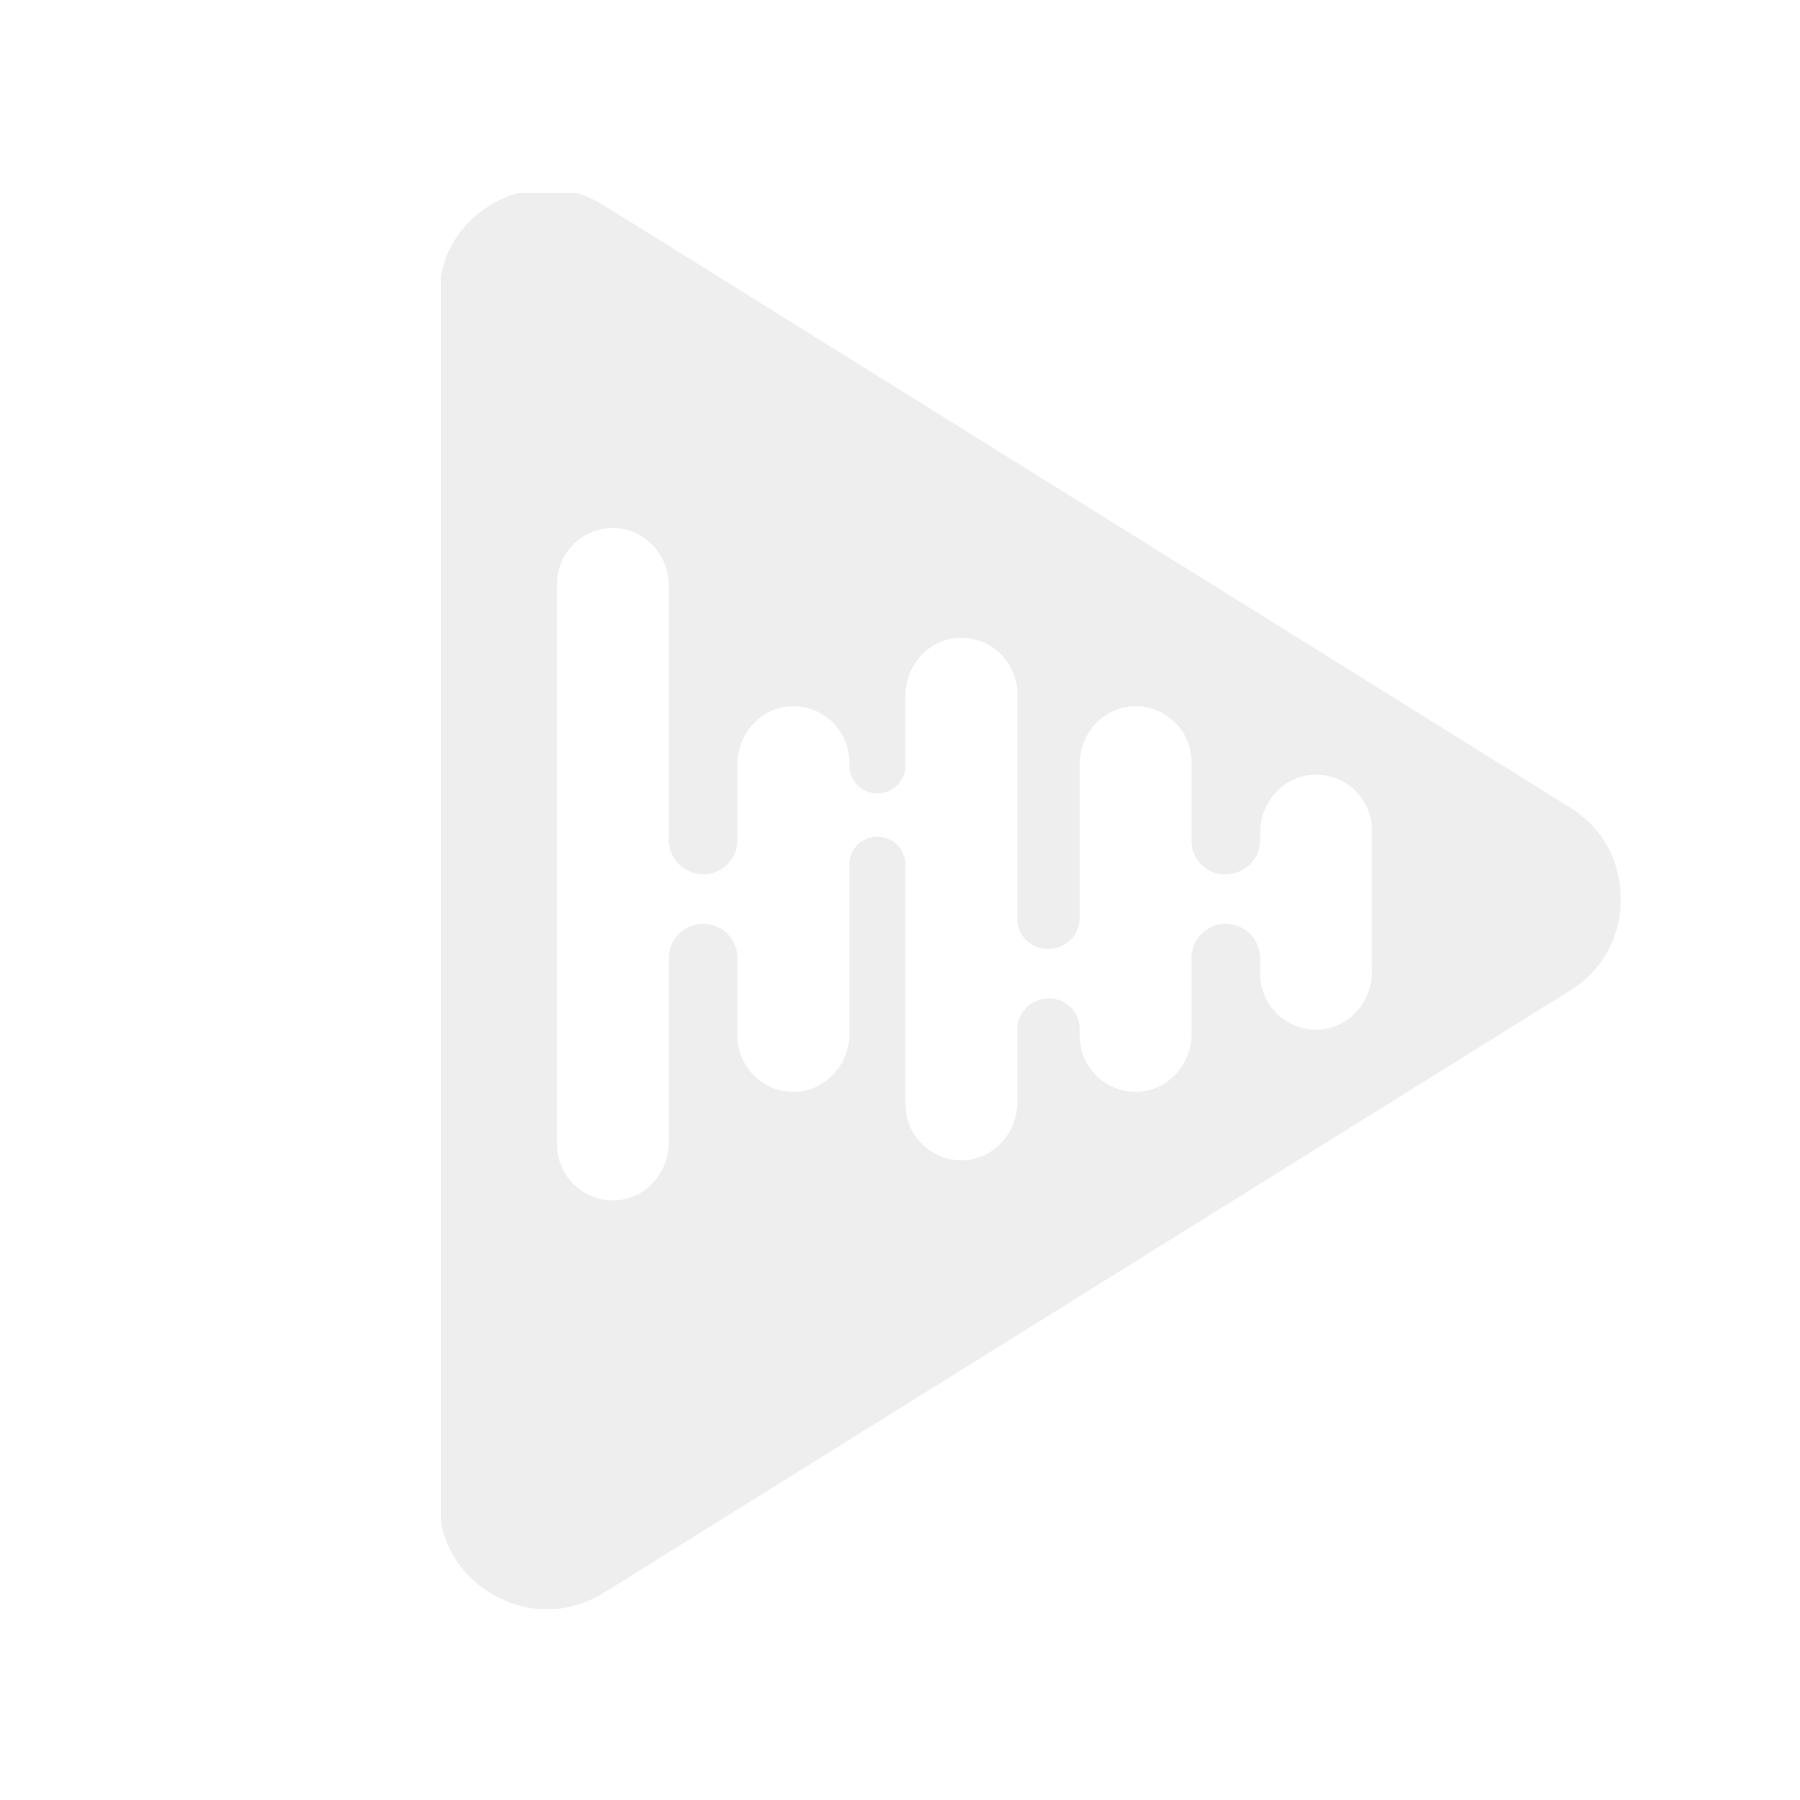 AZ Audiocomp MQ20-PK